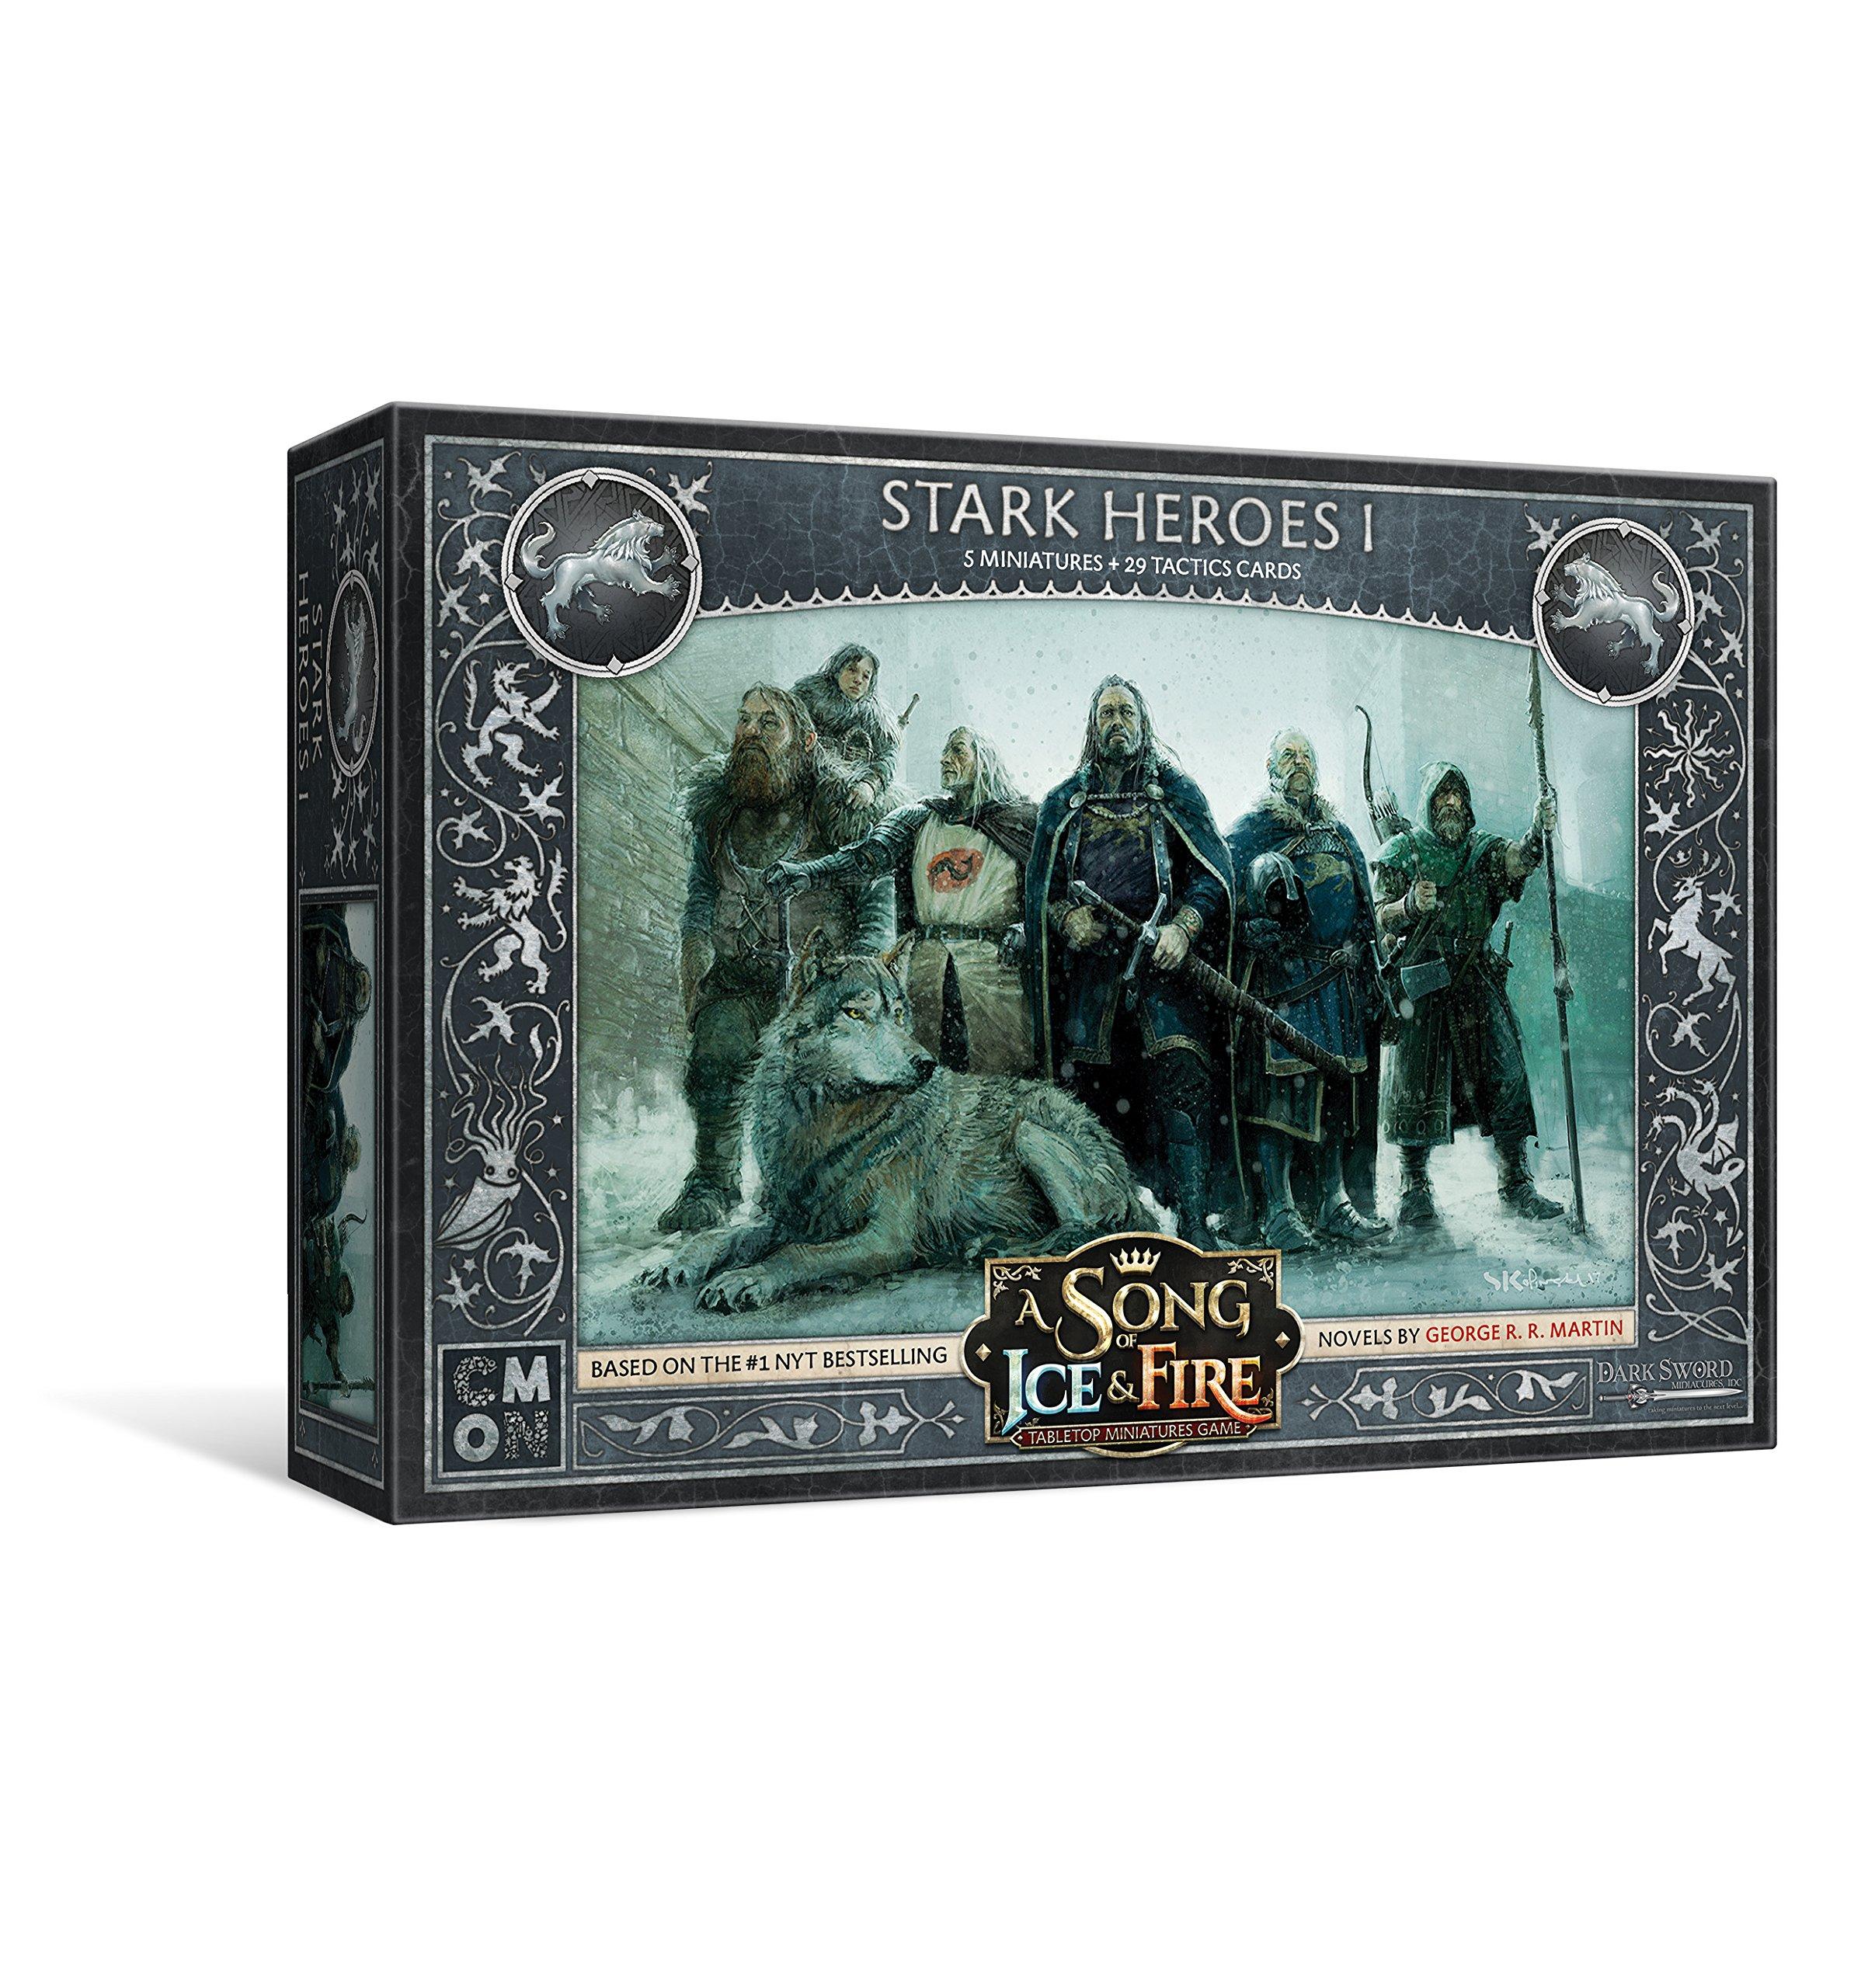 Asmodee CMNSIF109 Stark Heroes 1: una canción de Ice and Fire Exp, Multicolor: Amazon.es: Juguetes y juegos